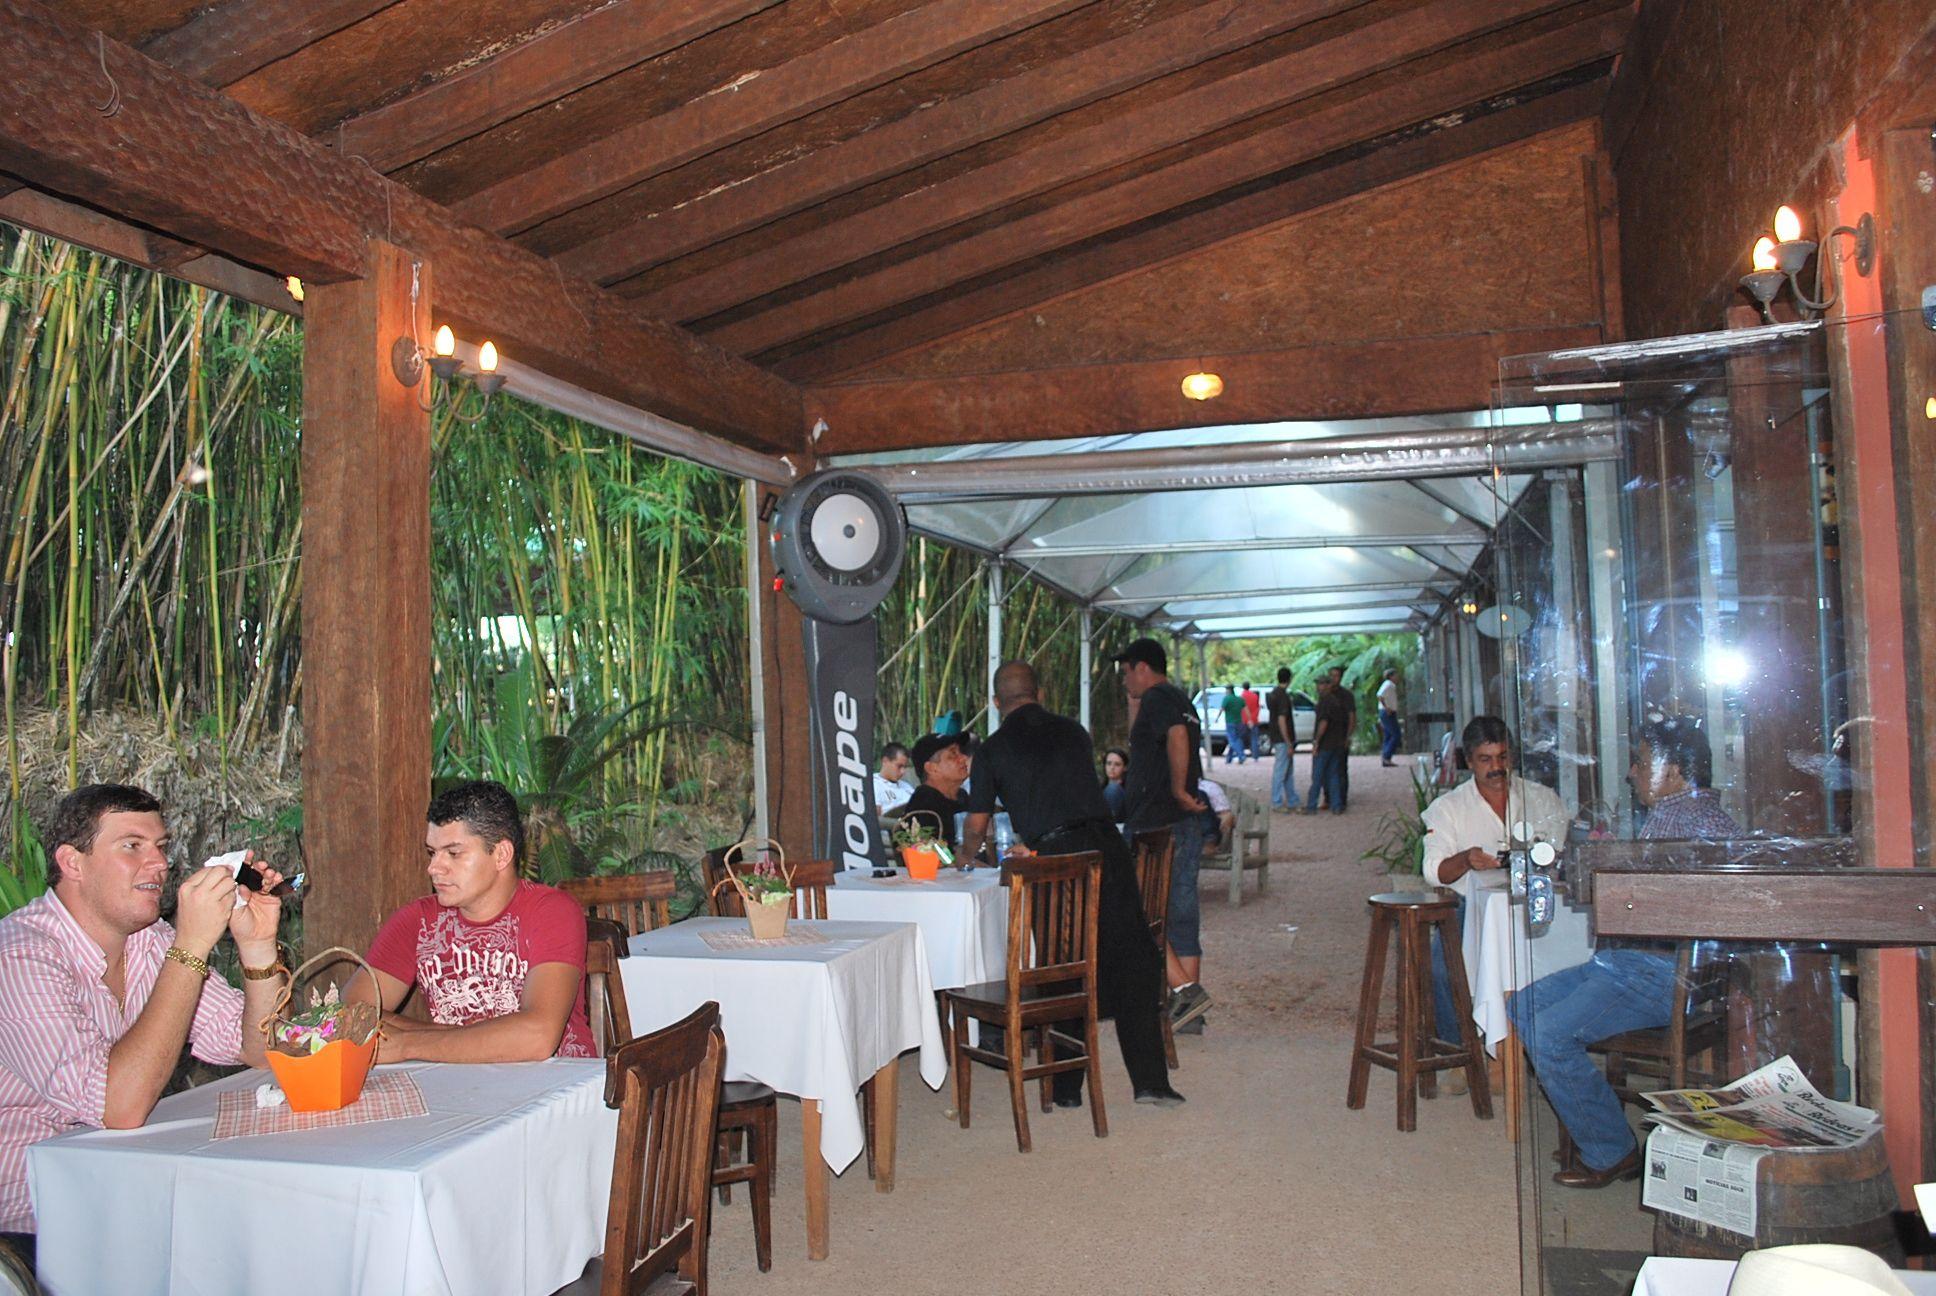 outdoor restaurant patio